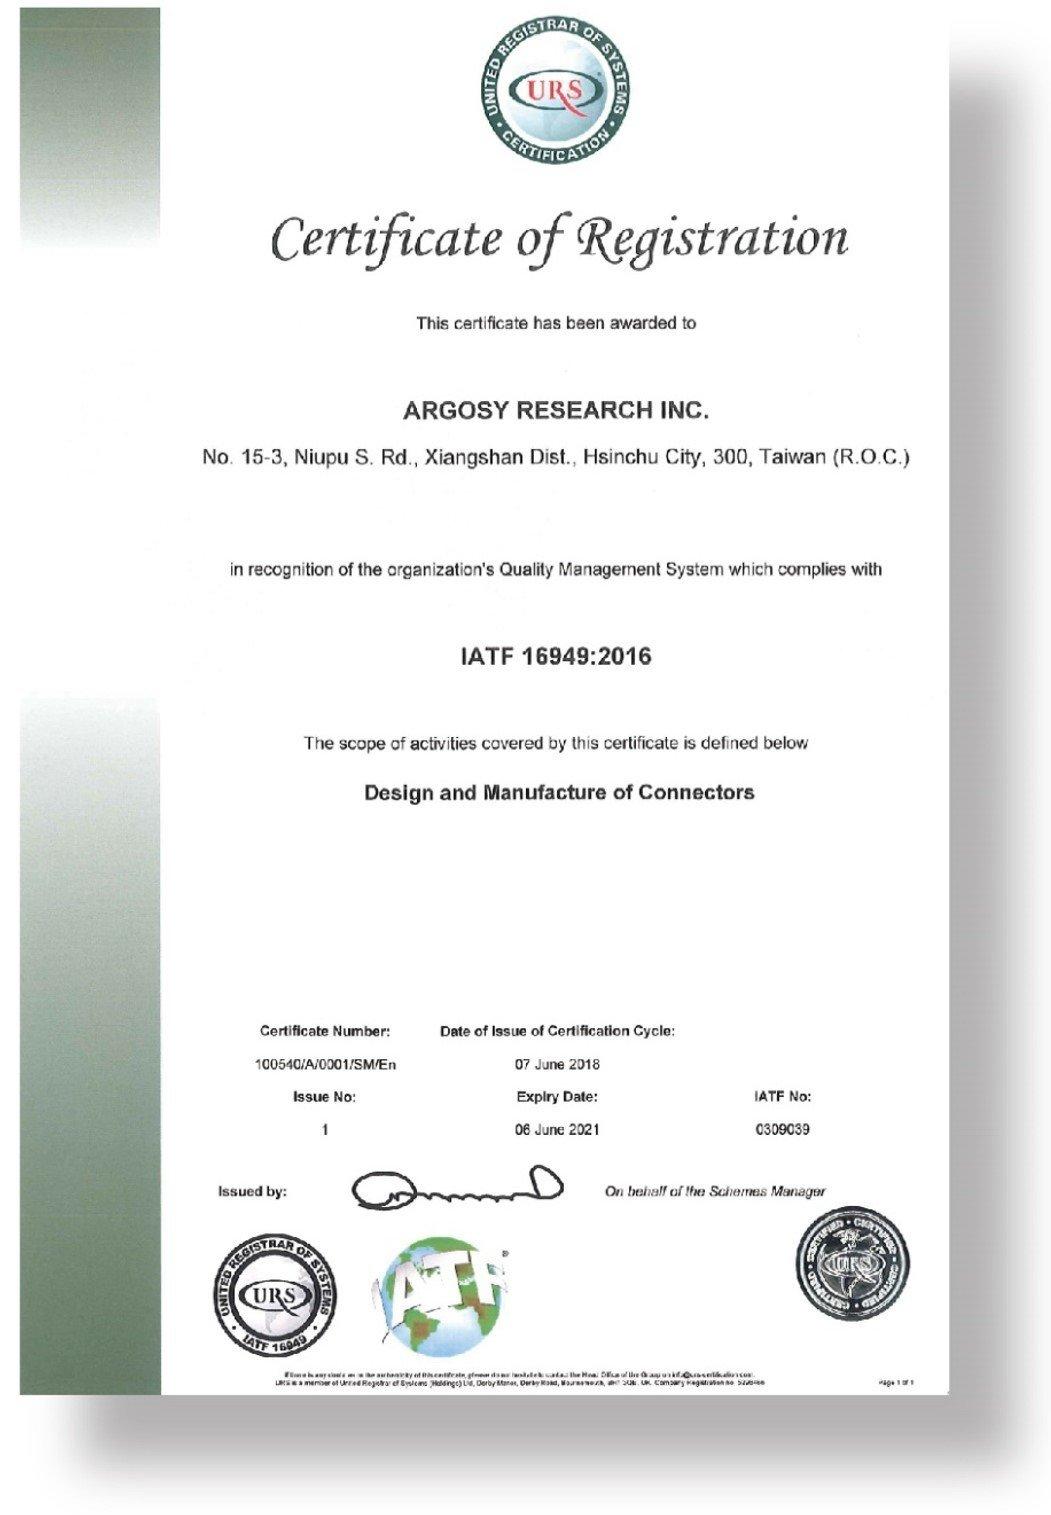 Argosy_IATF 16949 certificate